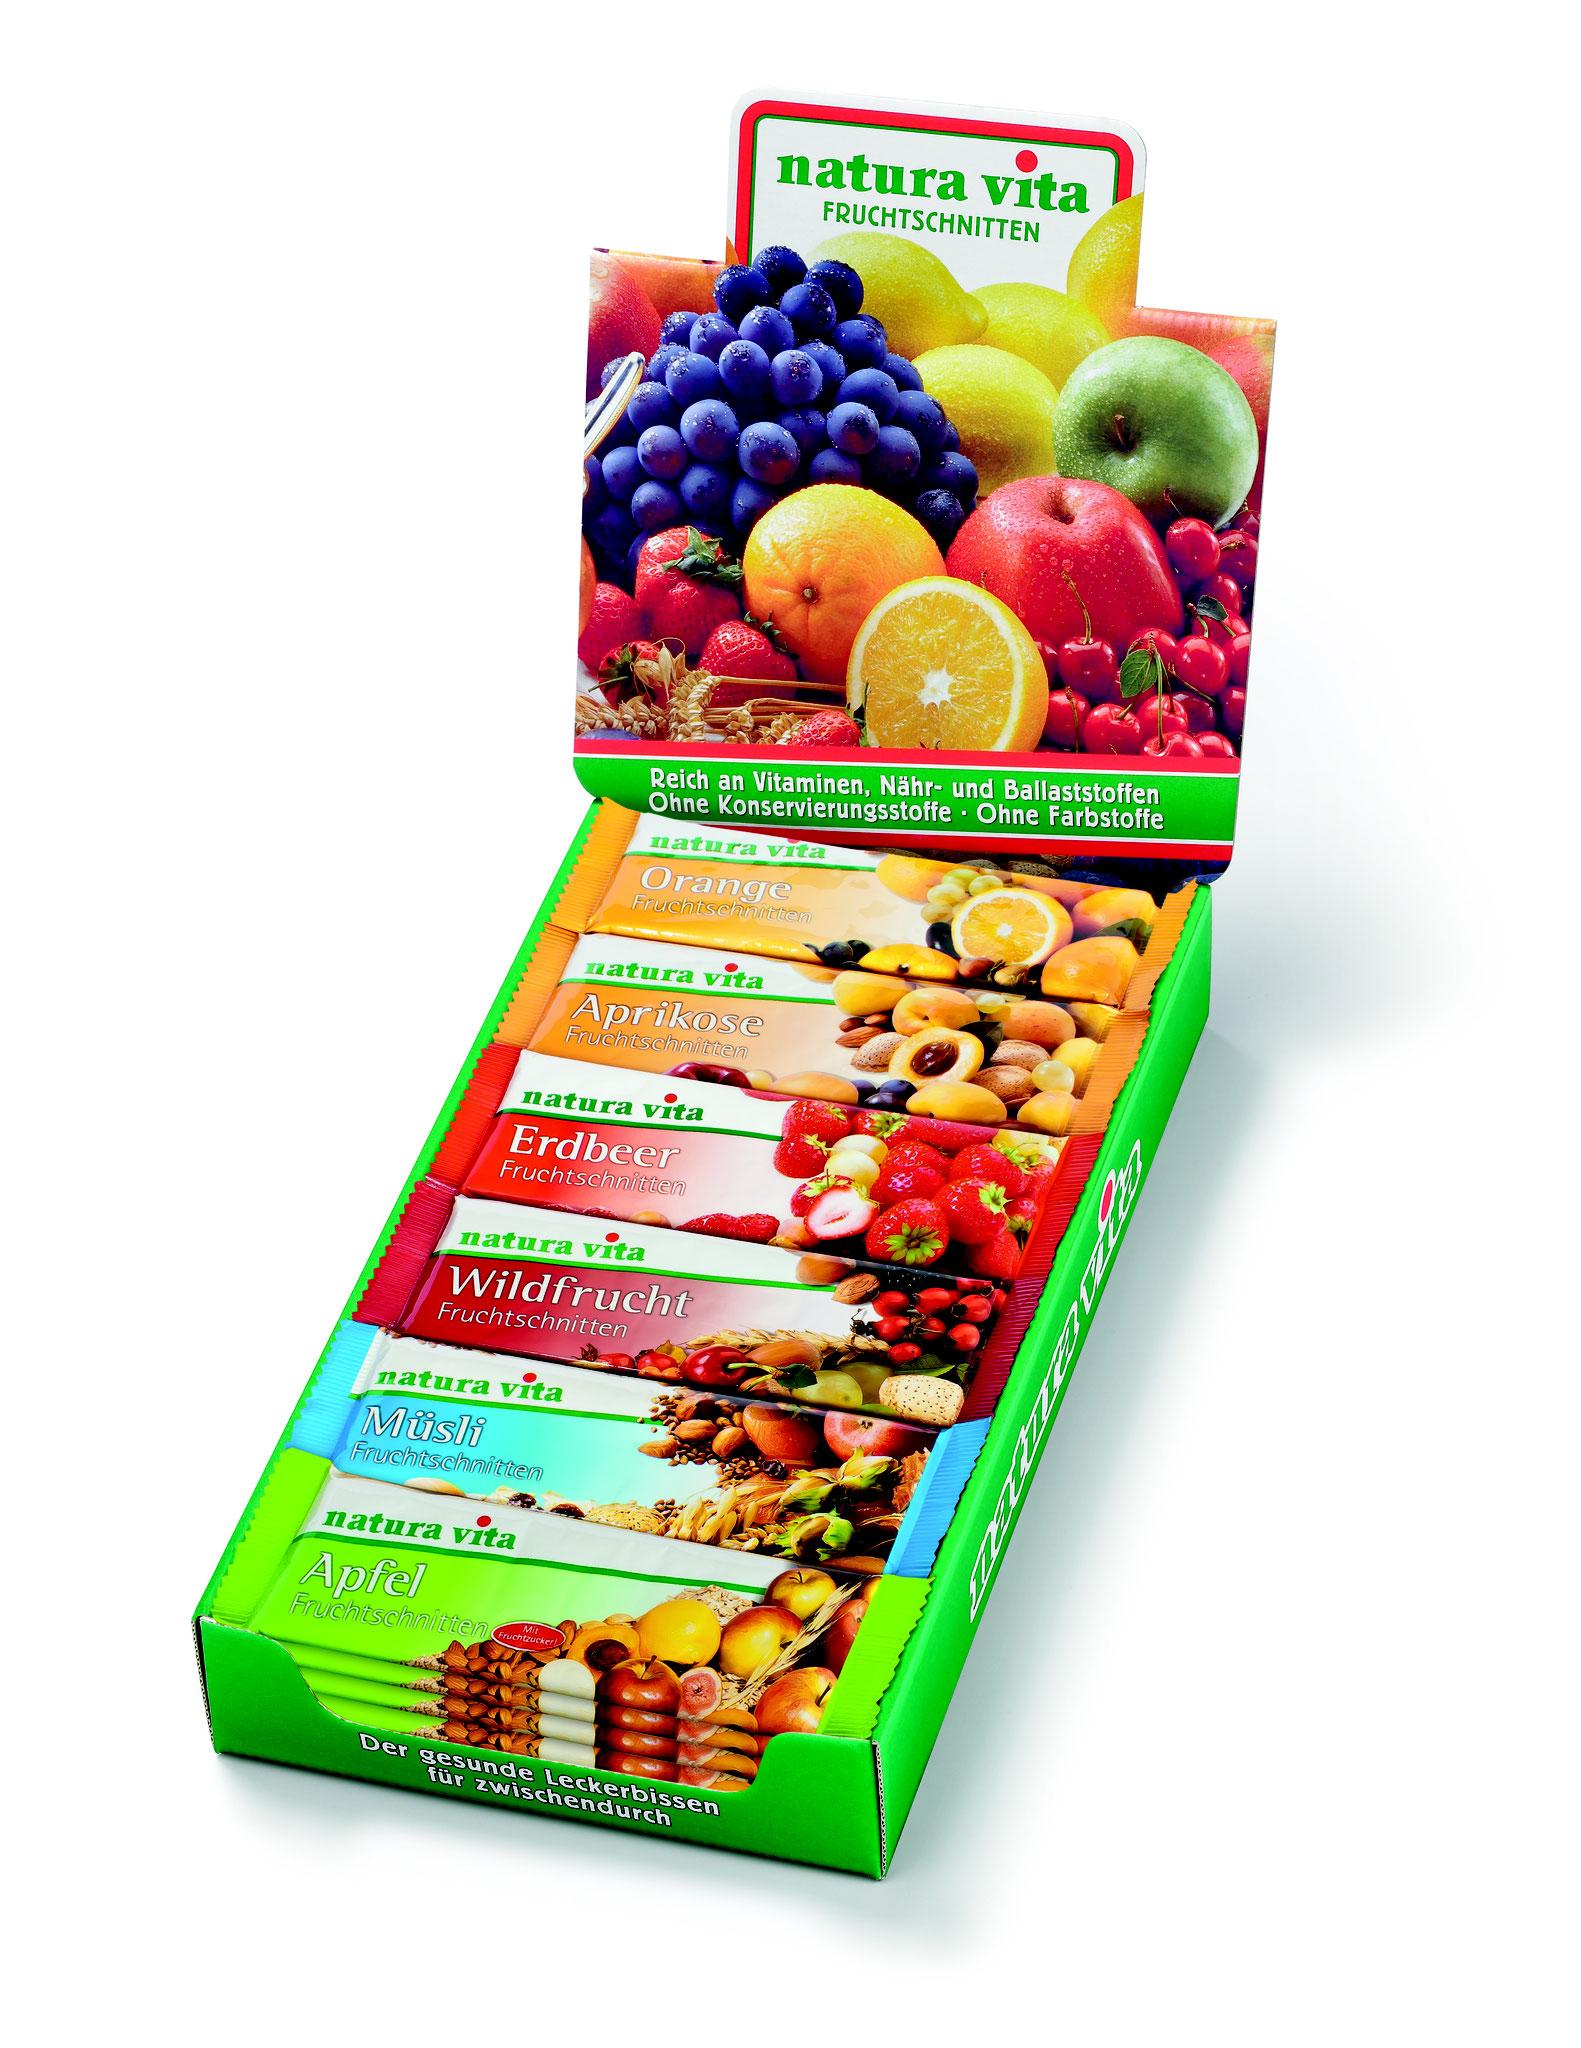 960425 Fruchtschnitten assortiert